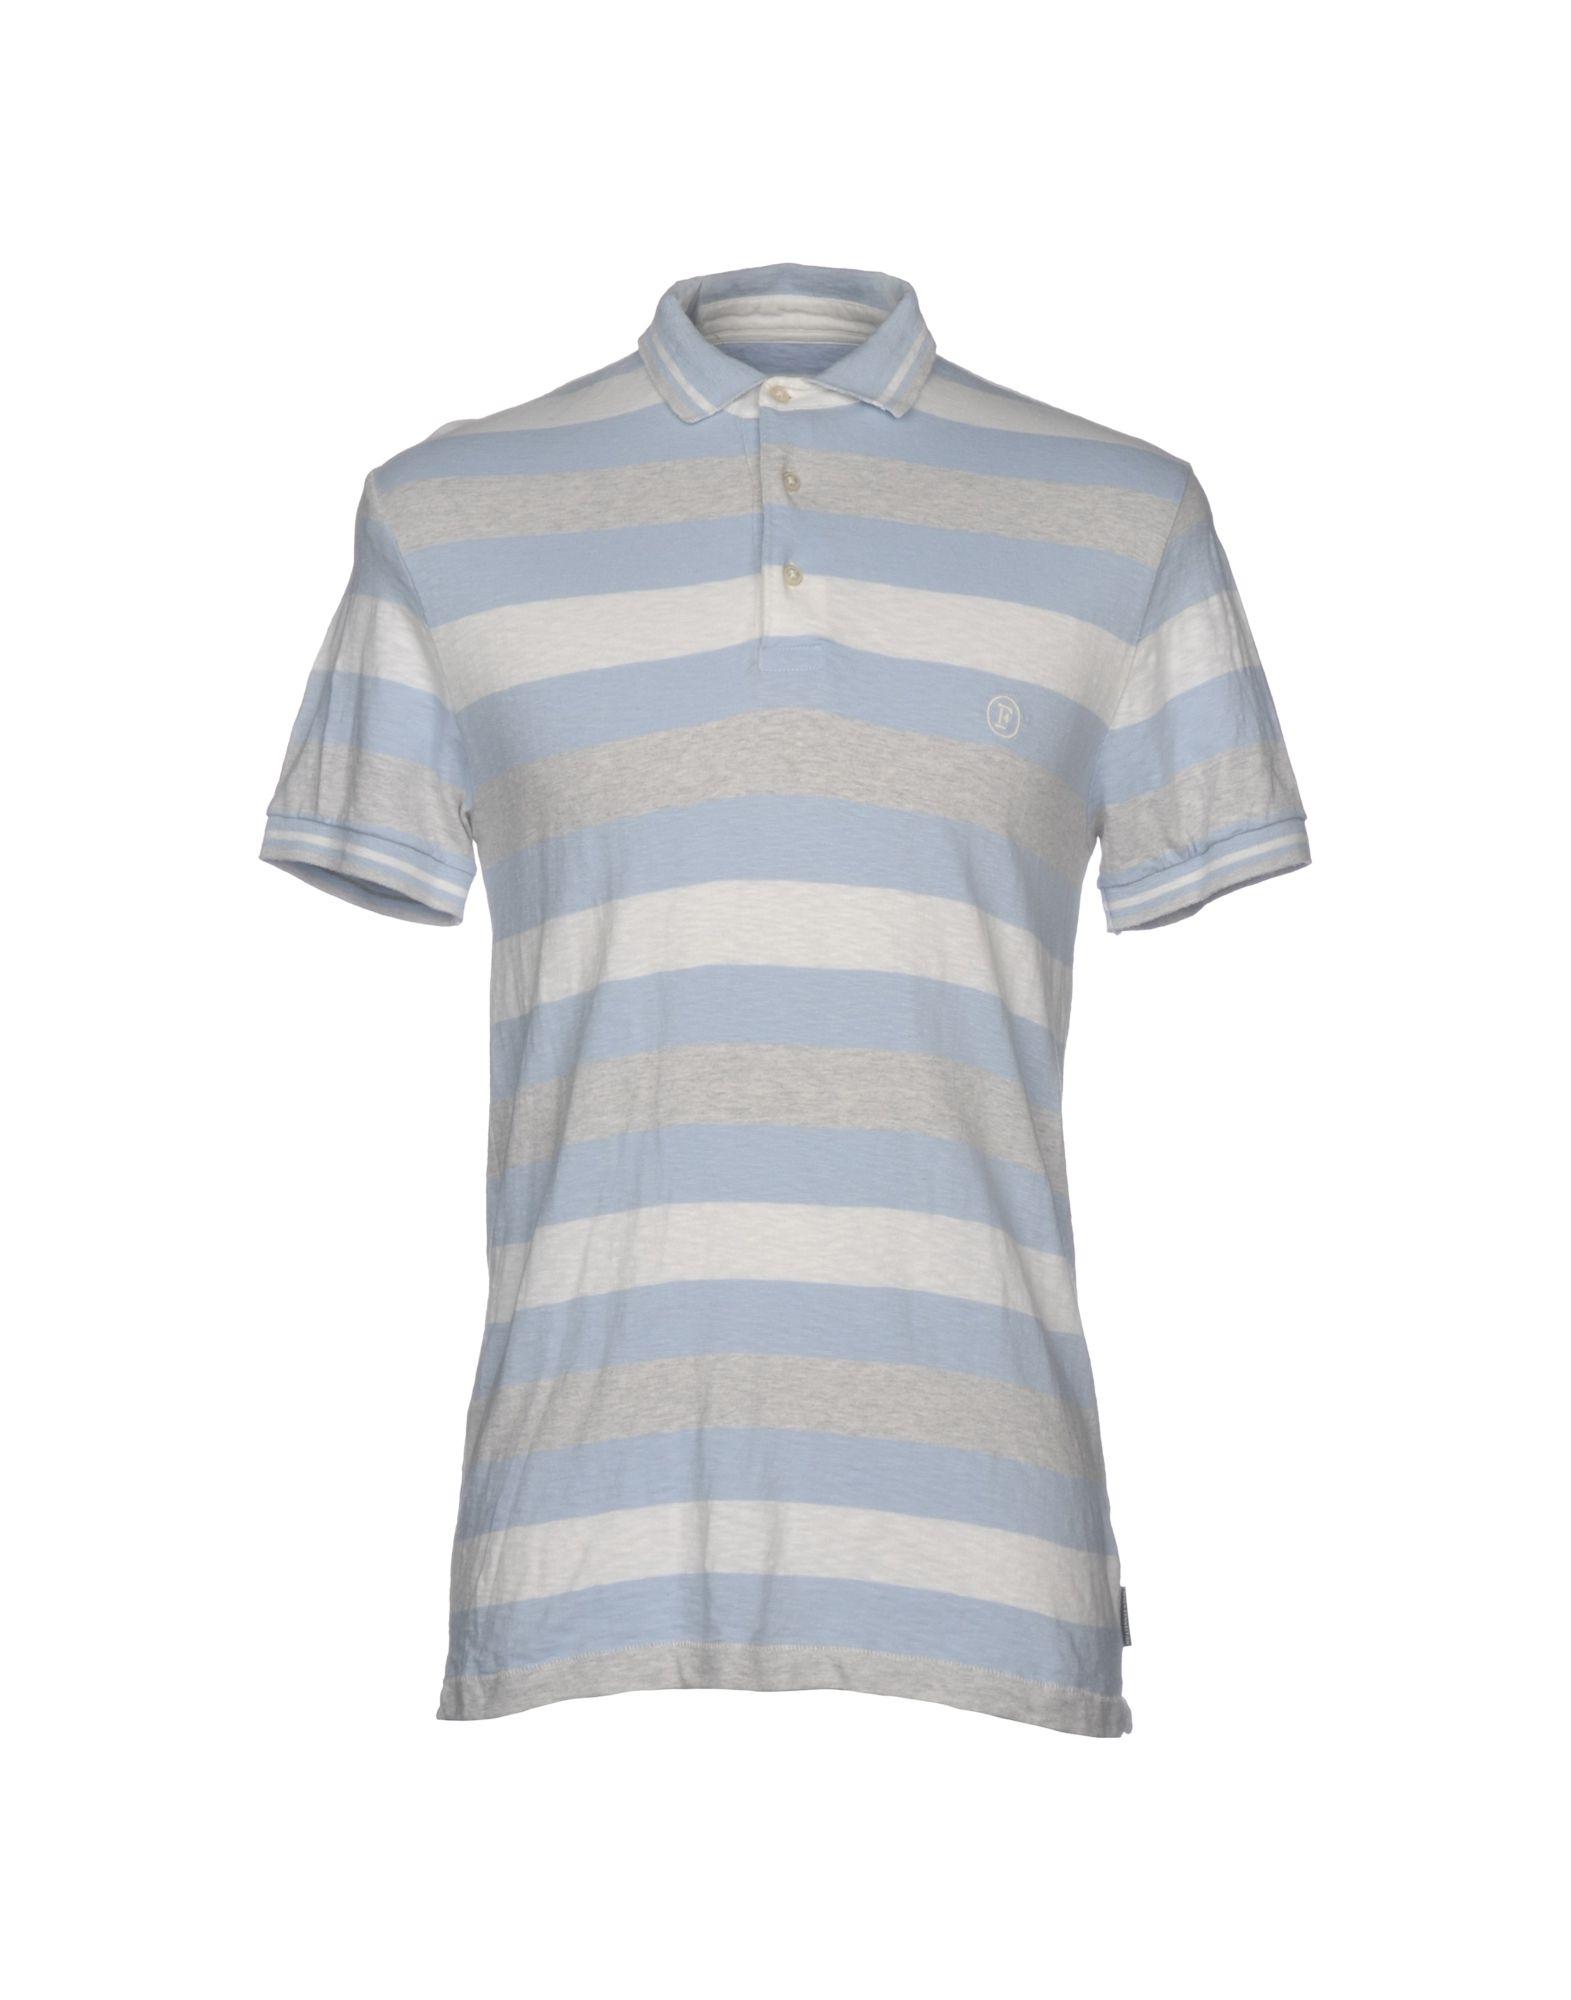 《送料無料》FRENCH CONNECTION メンズ ポロシャツ スカイブルー M コットン 100%